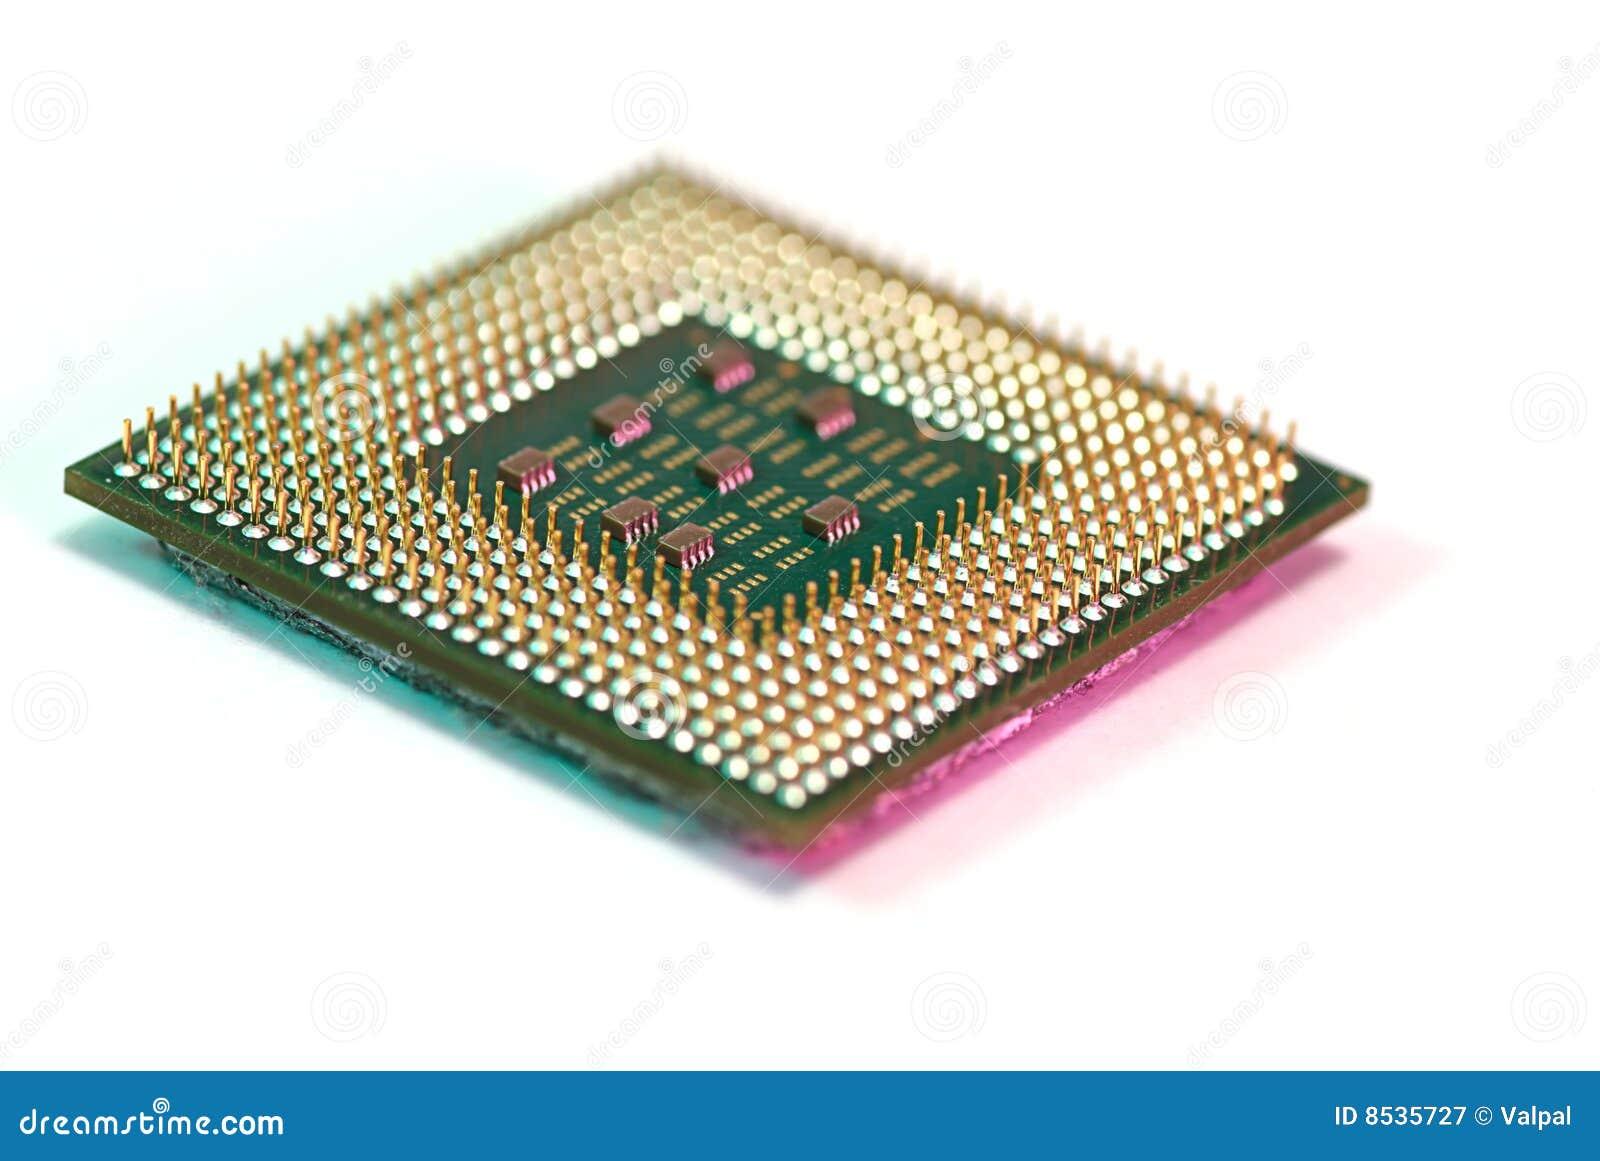 Componente de ordenadores del microprocesador fotograf a - Fotos de ordenadores ...